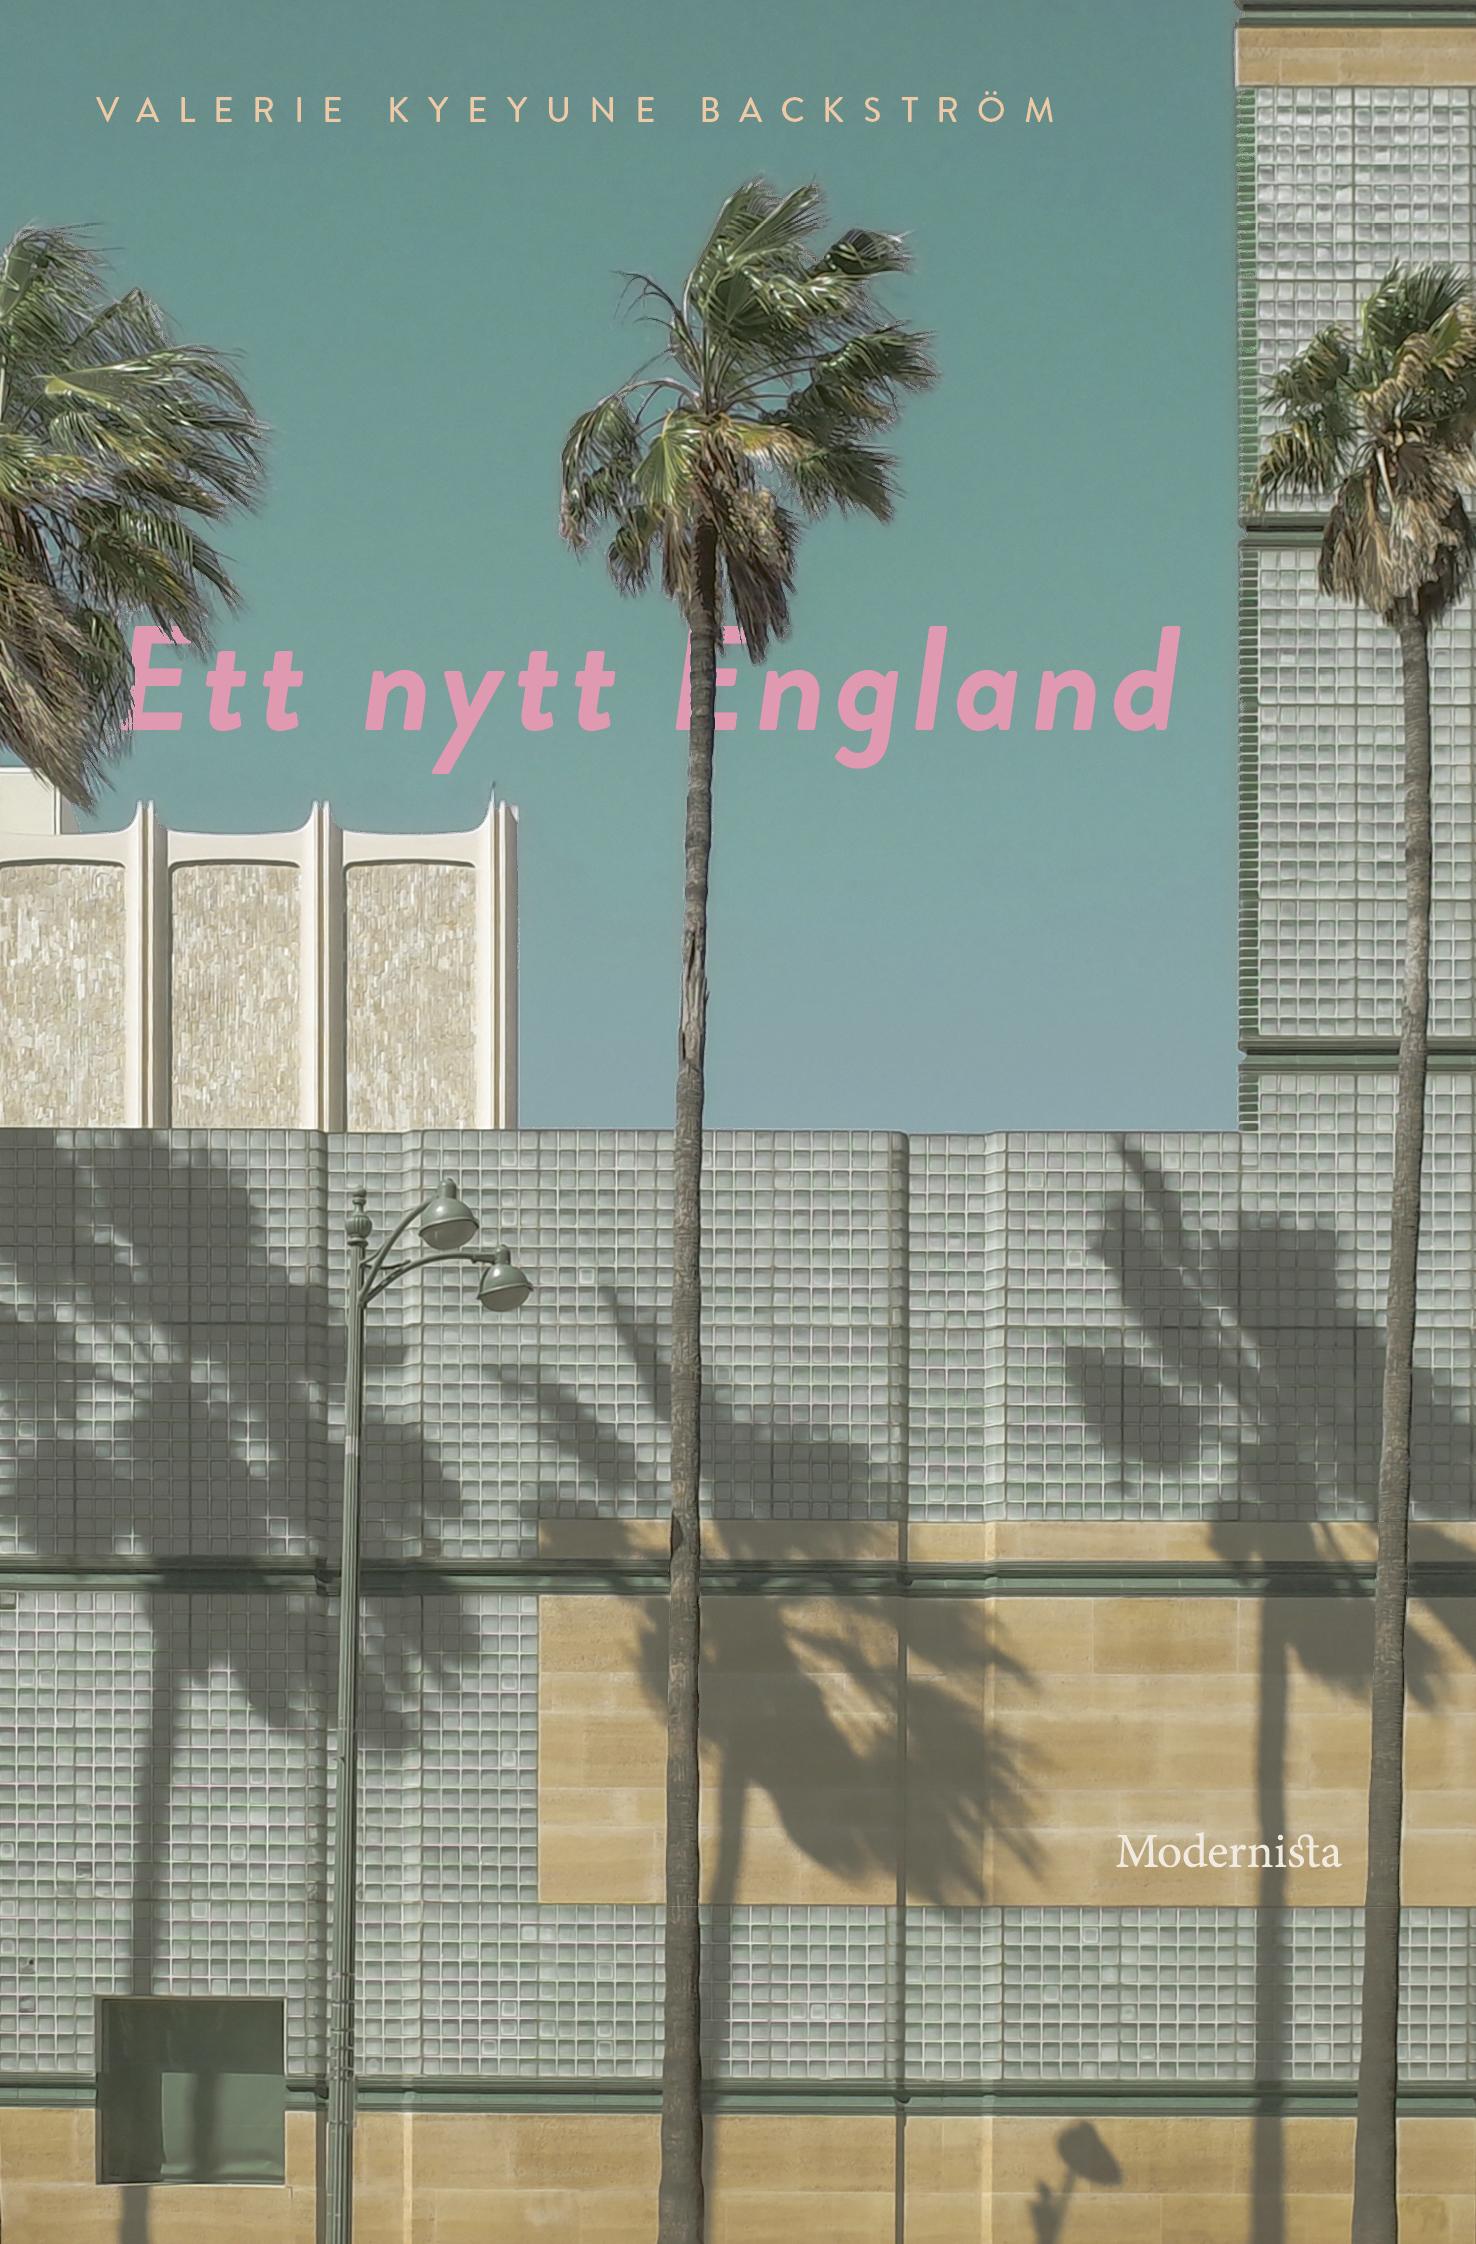 Valerie Kyeyune Backström: 'Ett nytt England'